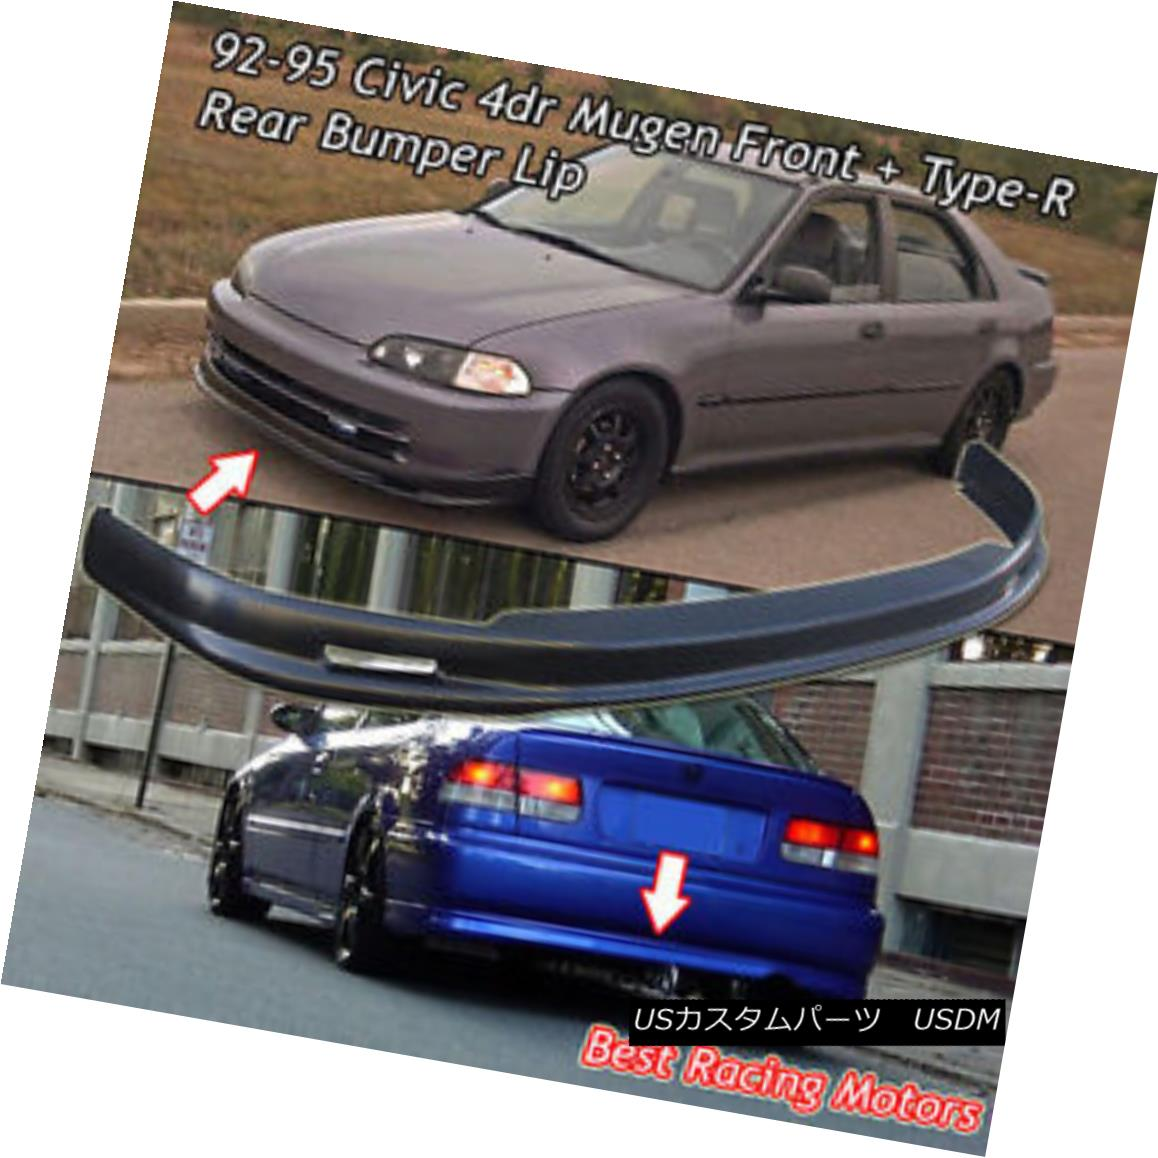 エアロパーツ Mu-gen Style Front (PP) + TR Style Rear Bumper Lip (PU) Fit 92-95 Civic 4dr ムーゲンスタイルフロント(PP)+ TRスタイルリアバンパーリップ(PU)フィット92-95シビック4dr